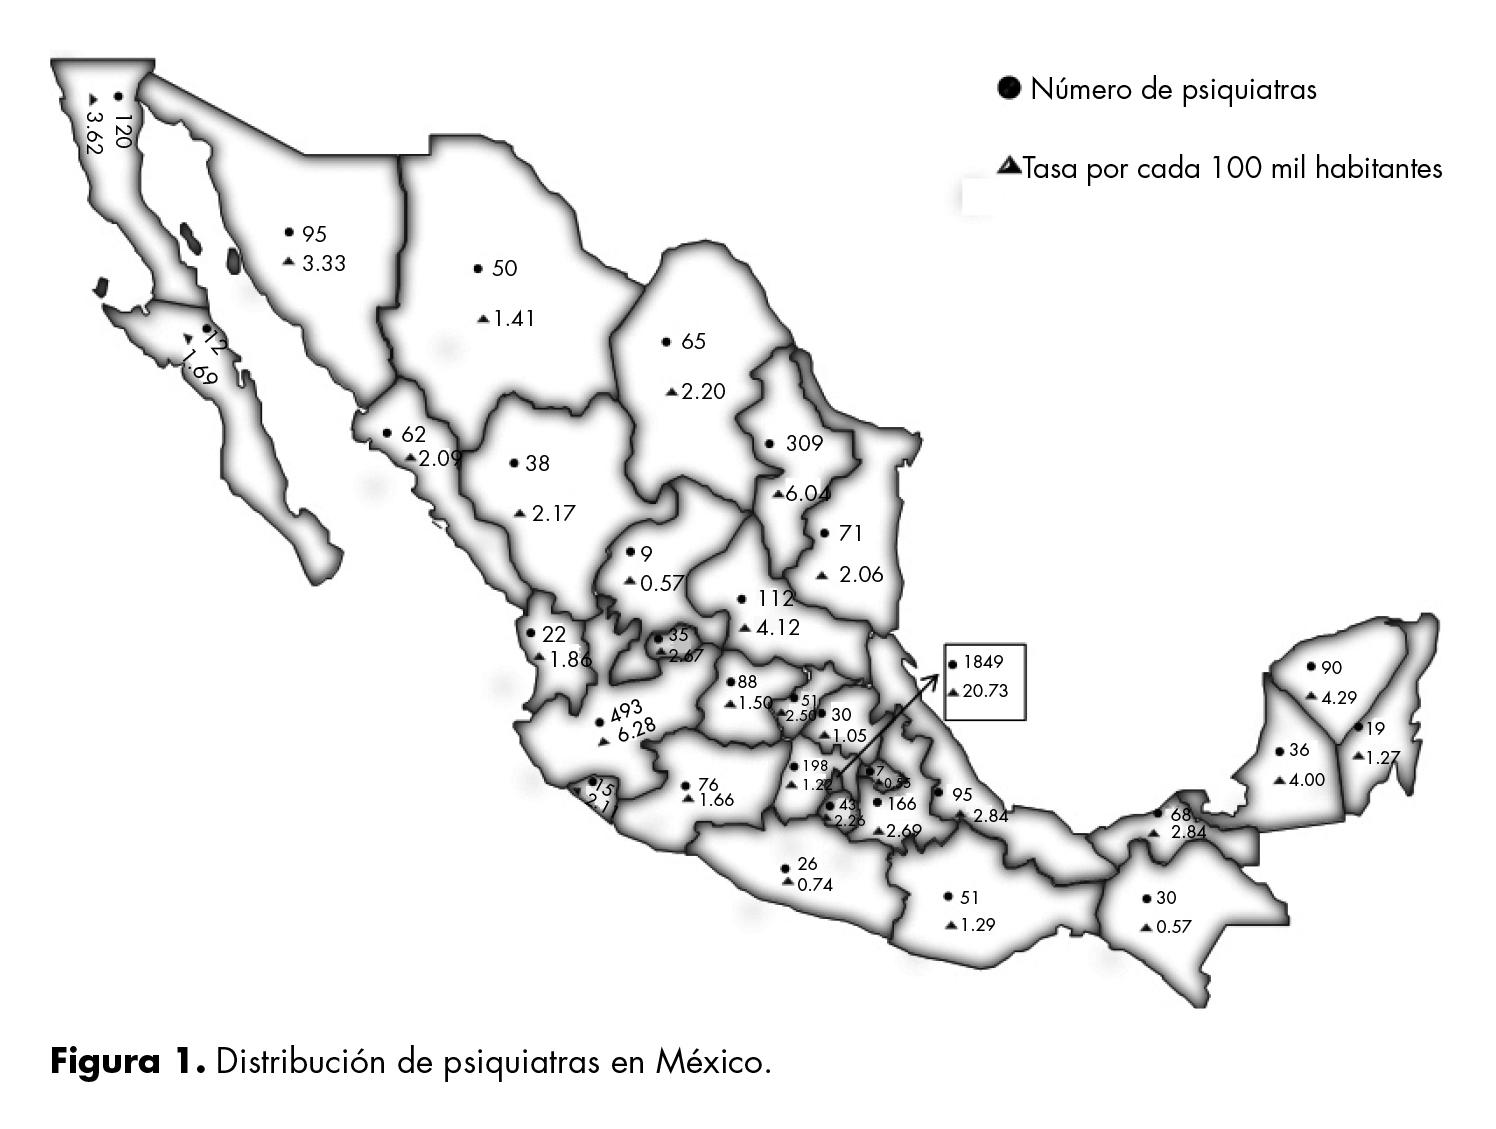 Distribución de psiquiatras en México